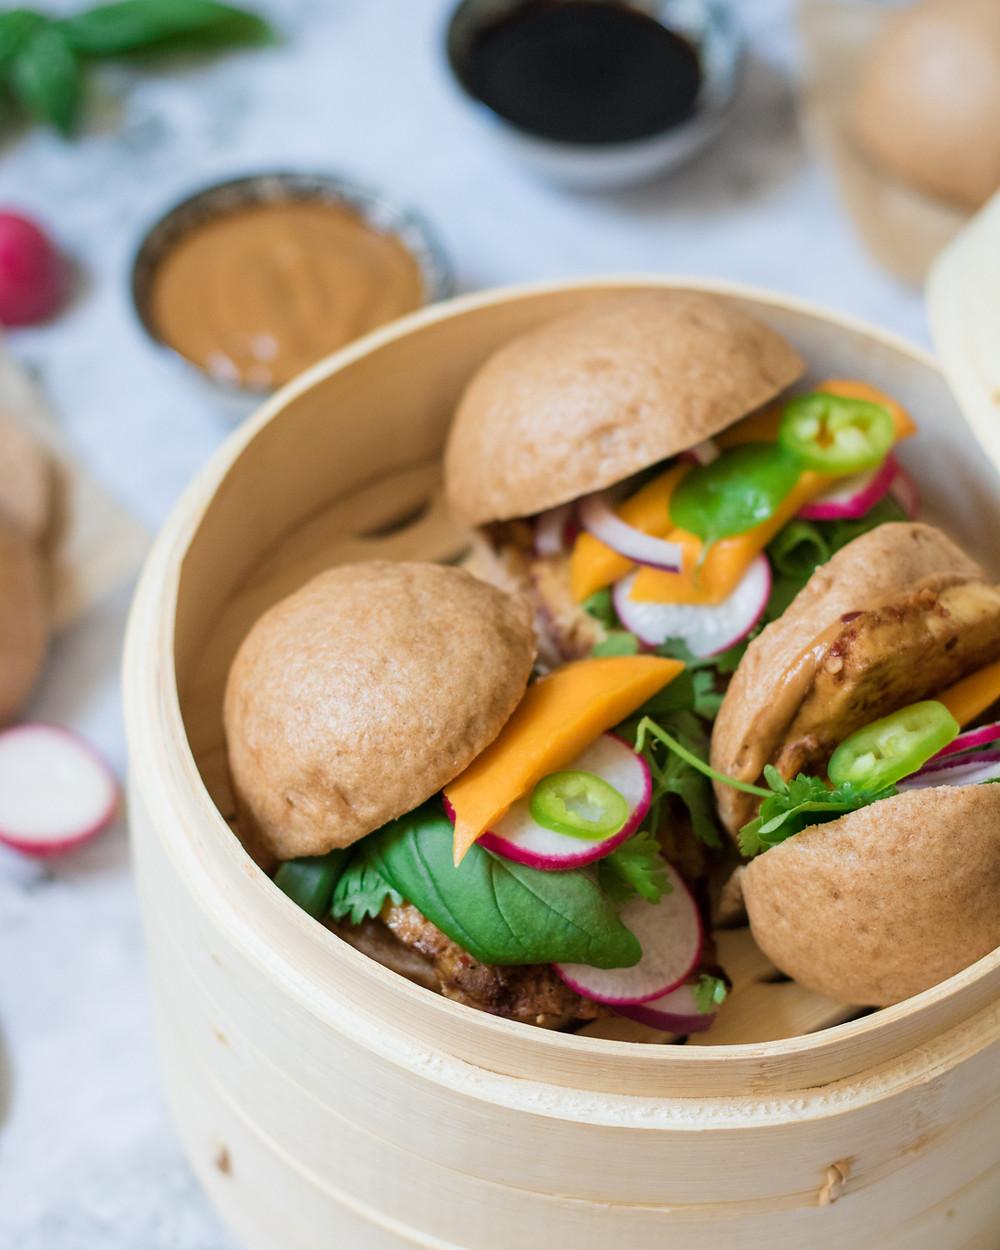 לחמניות באן מאודות מקמח כוסמין טבעוניות במילוי טופו צרוב טבעוני עם רוטב אסיאתי